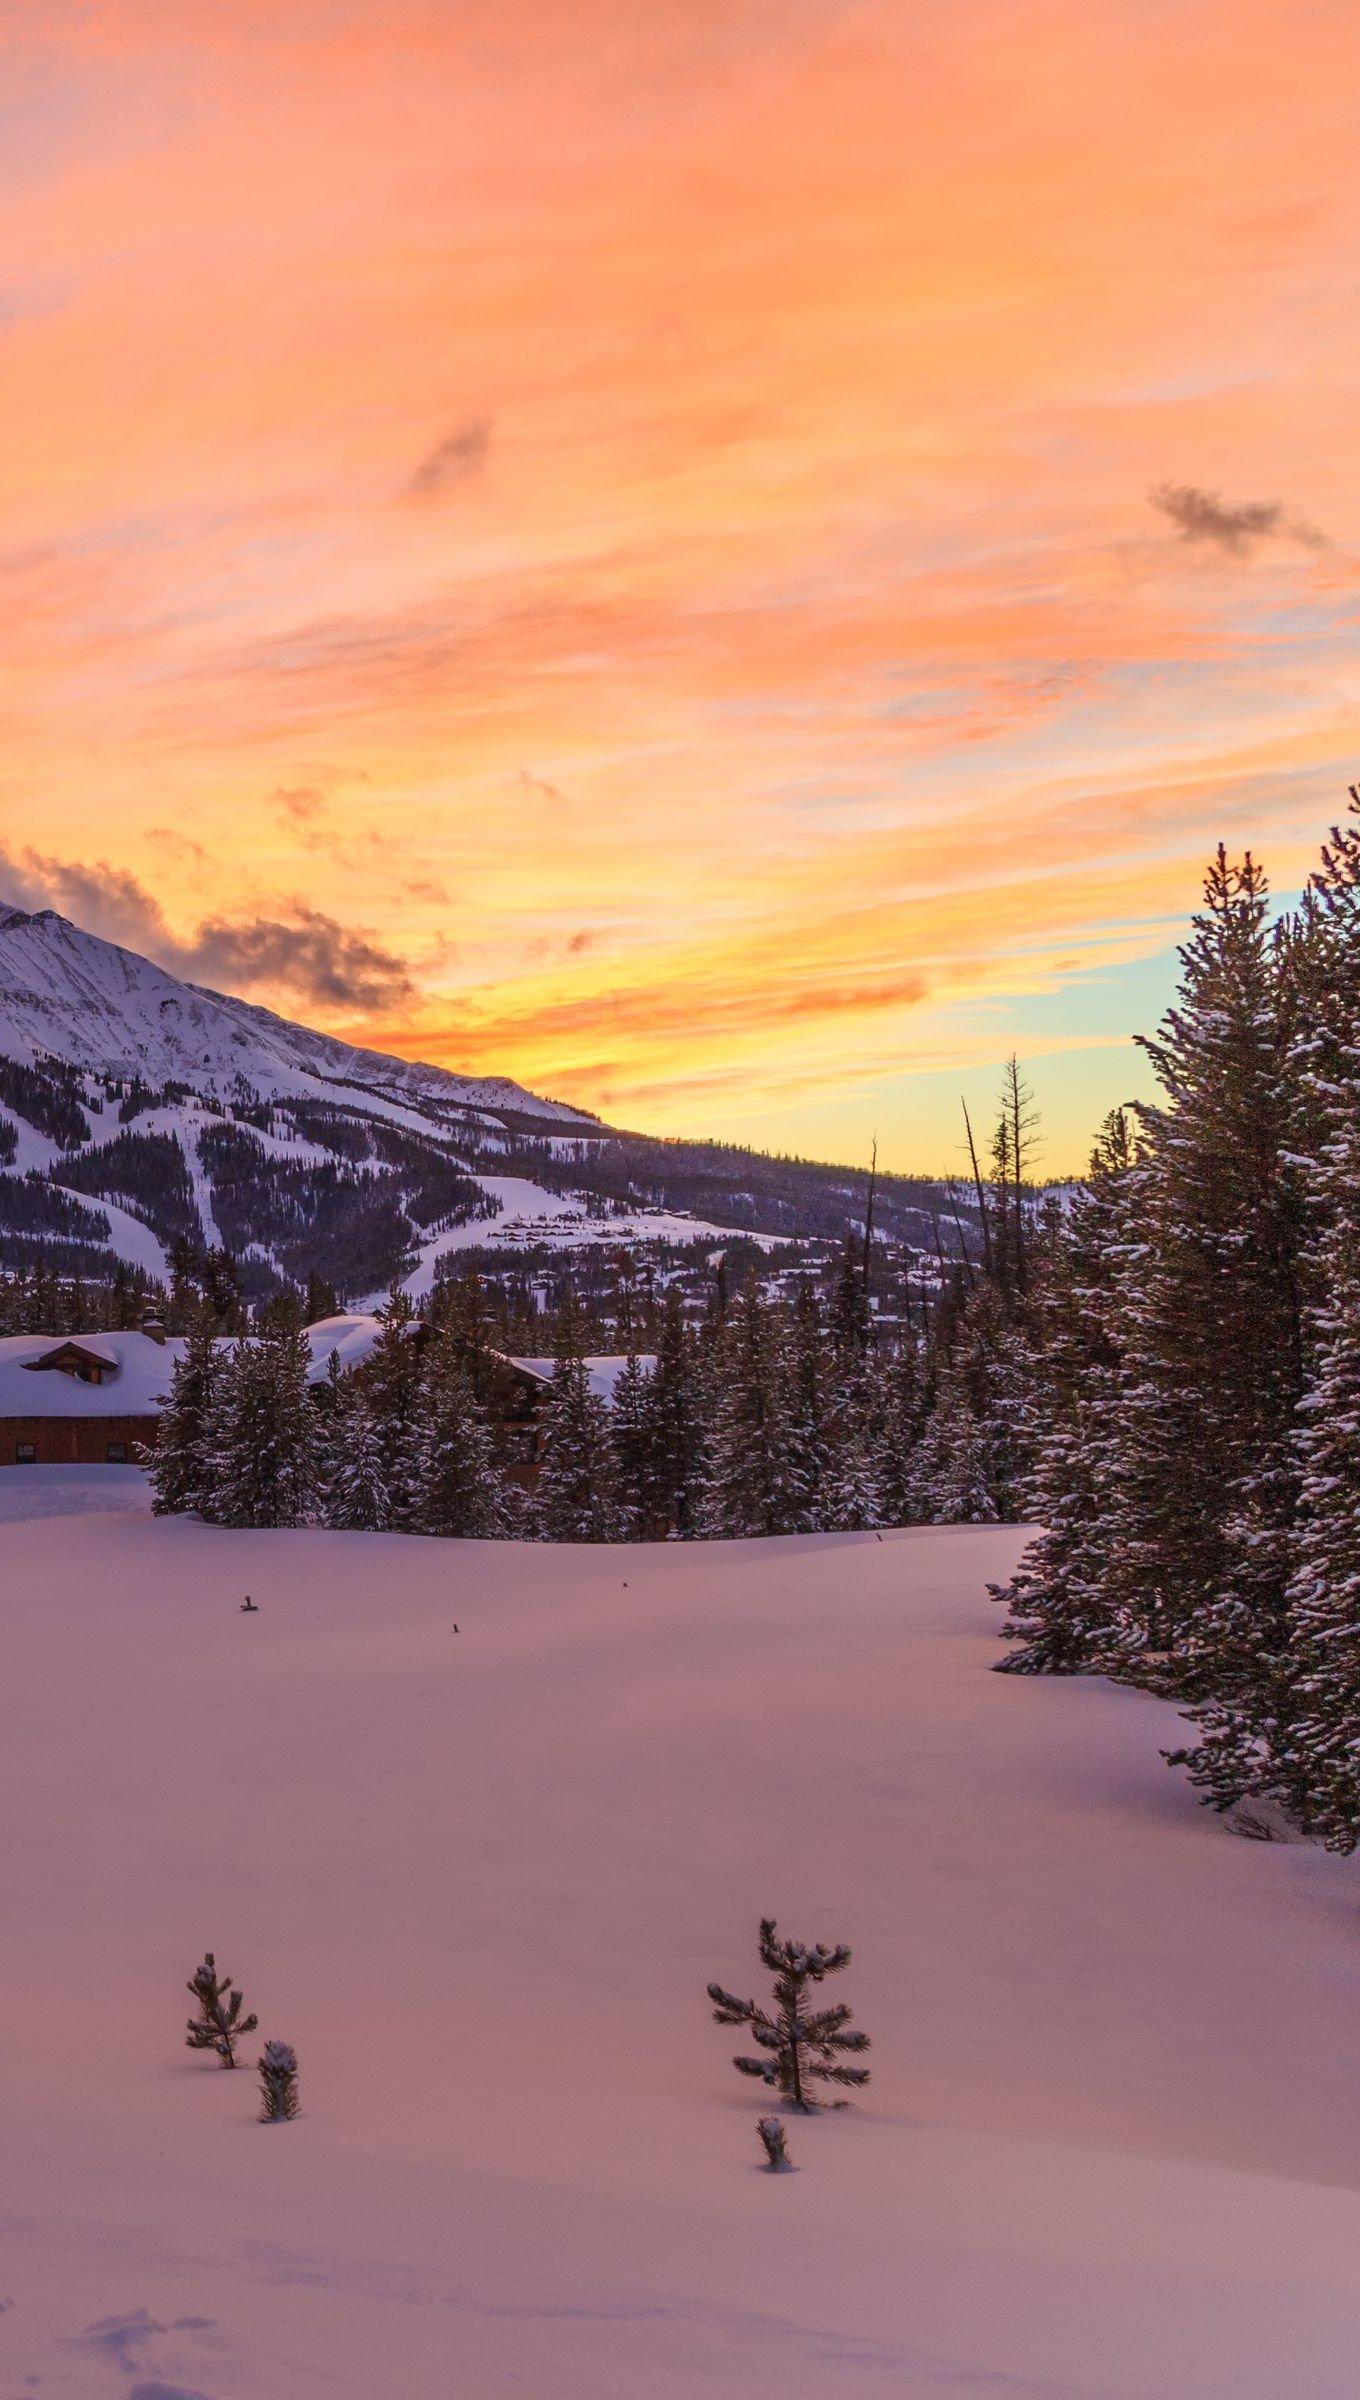 Fondos de pantalla Montaña en el invierno al atardecer Vertical